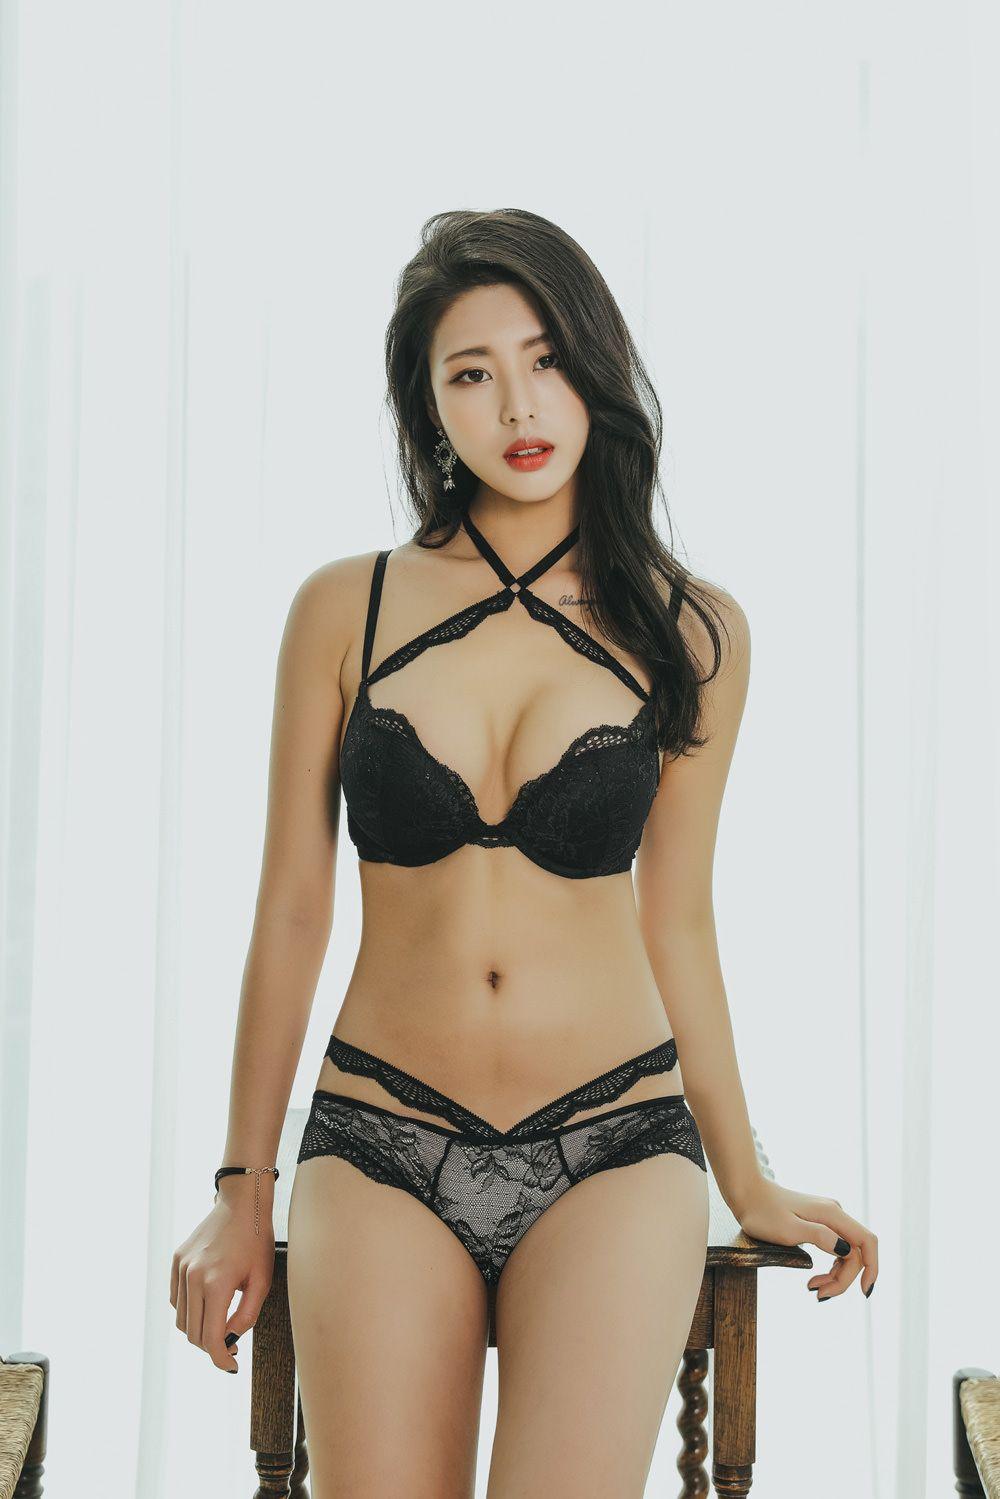 ddcf295656 Jung yuna